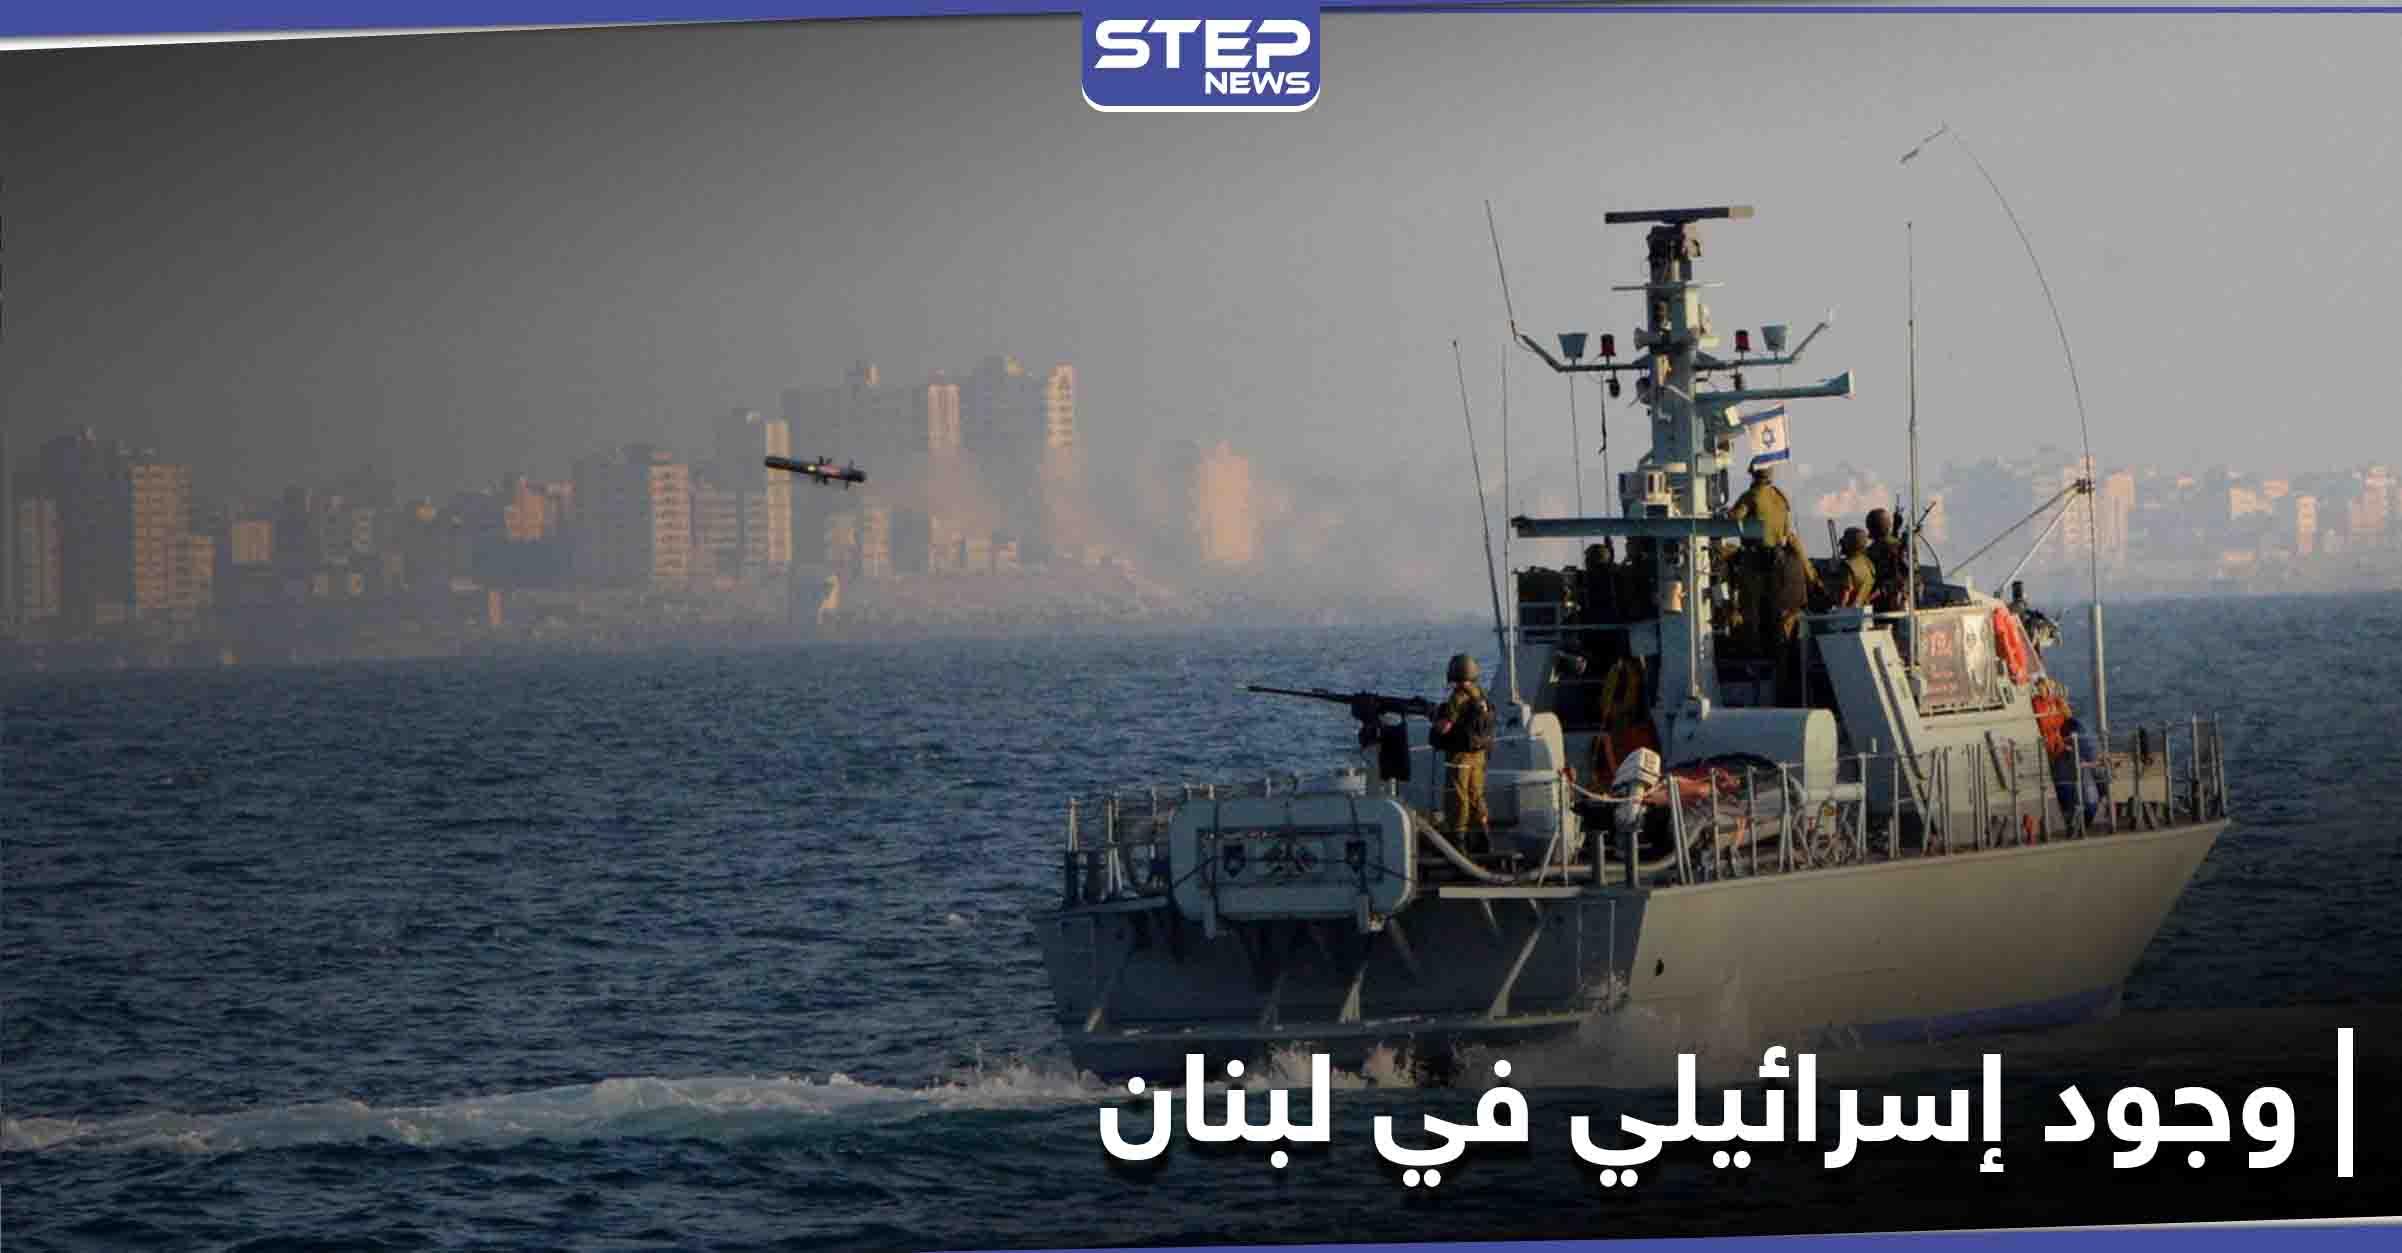 صحيفة لبنانية تكشف عن نزول قوة عسكرية إسرائيلية على شاطئ لبناني وسط استنفار أمني